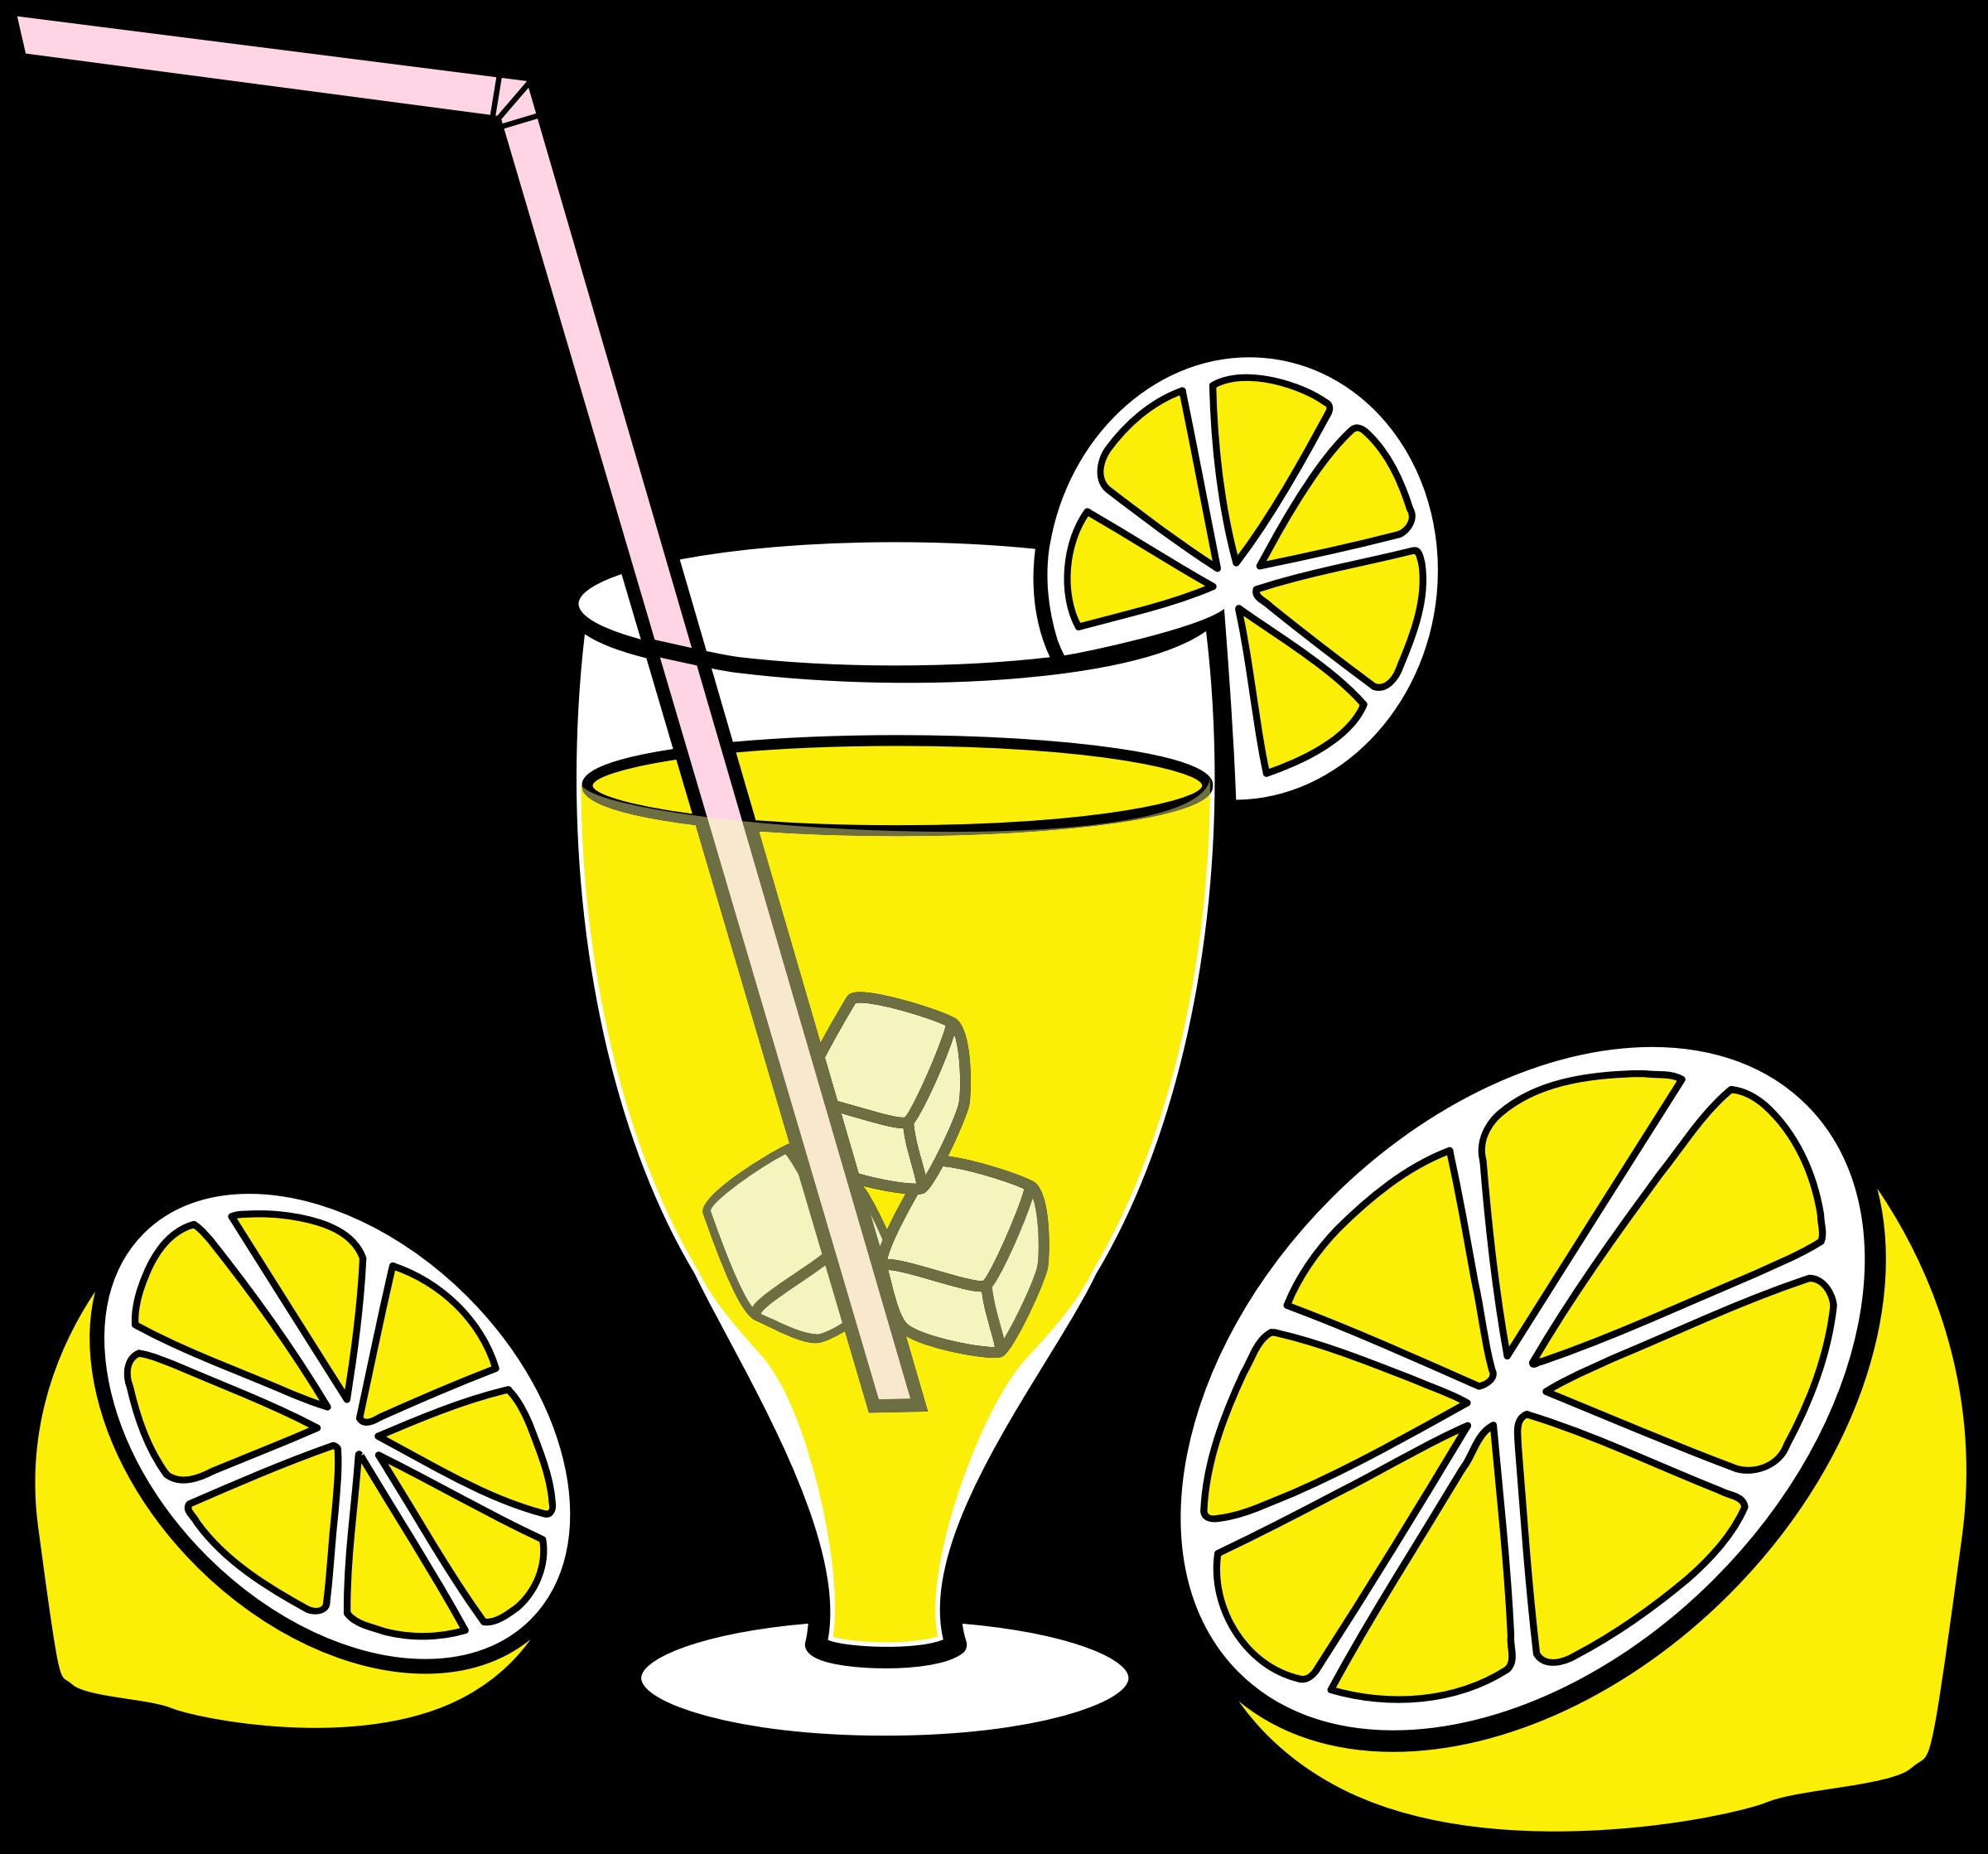 Lemons clipart lemonade. Big image png